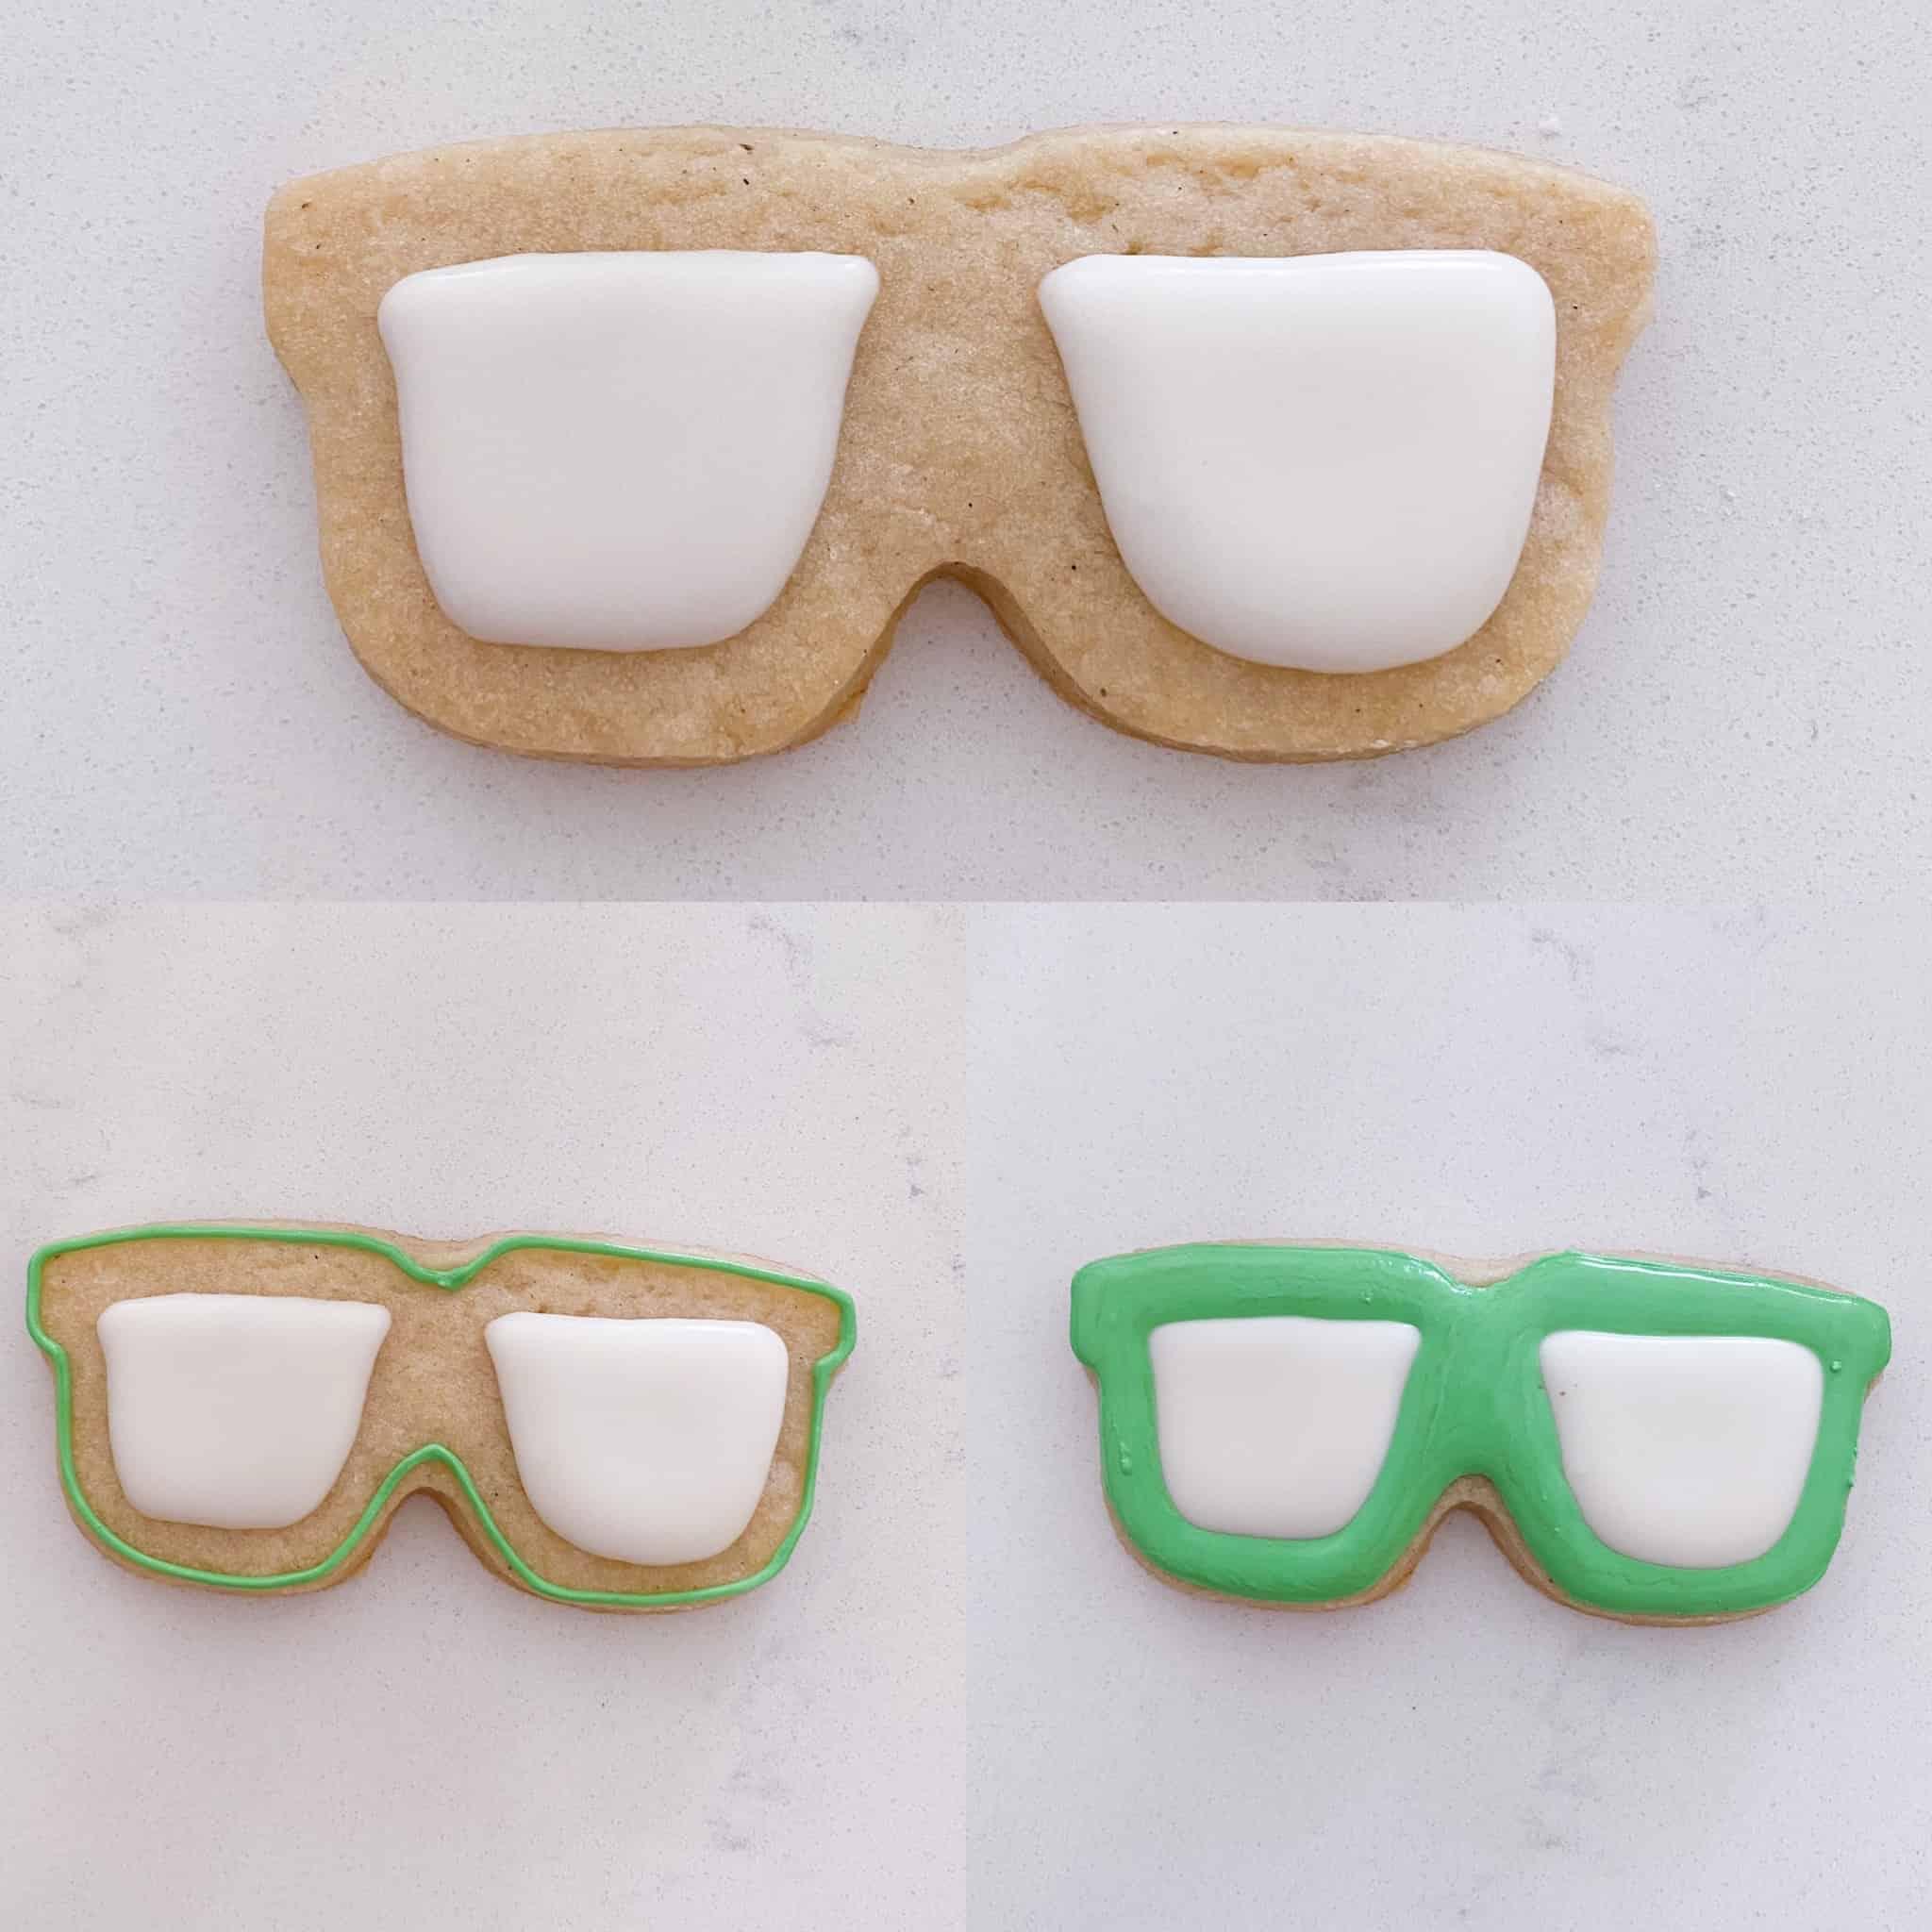 Summer DIY Cookie Kit Photo Tutorial